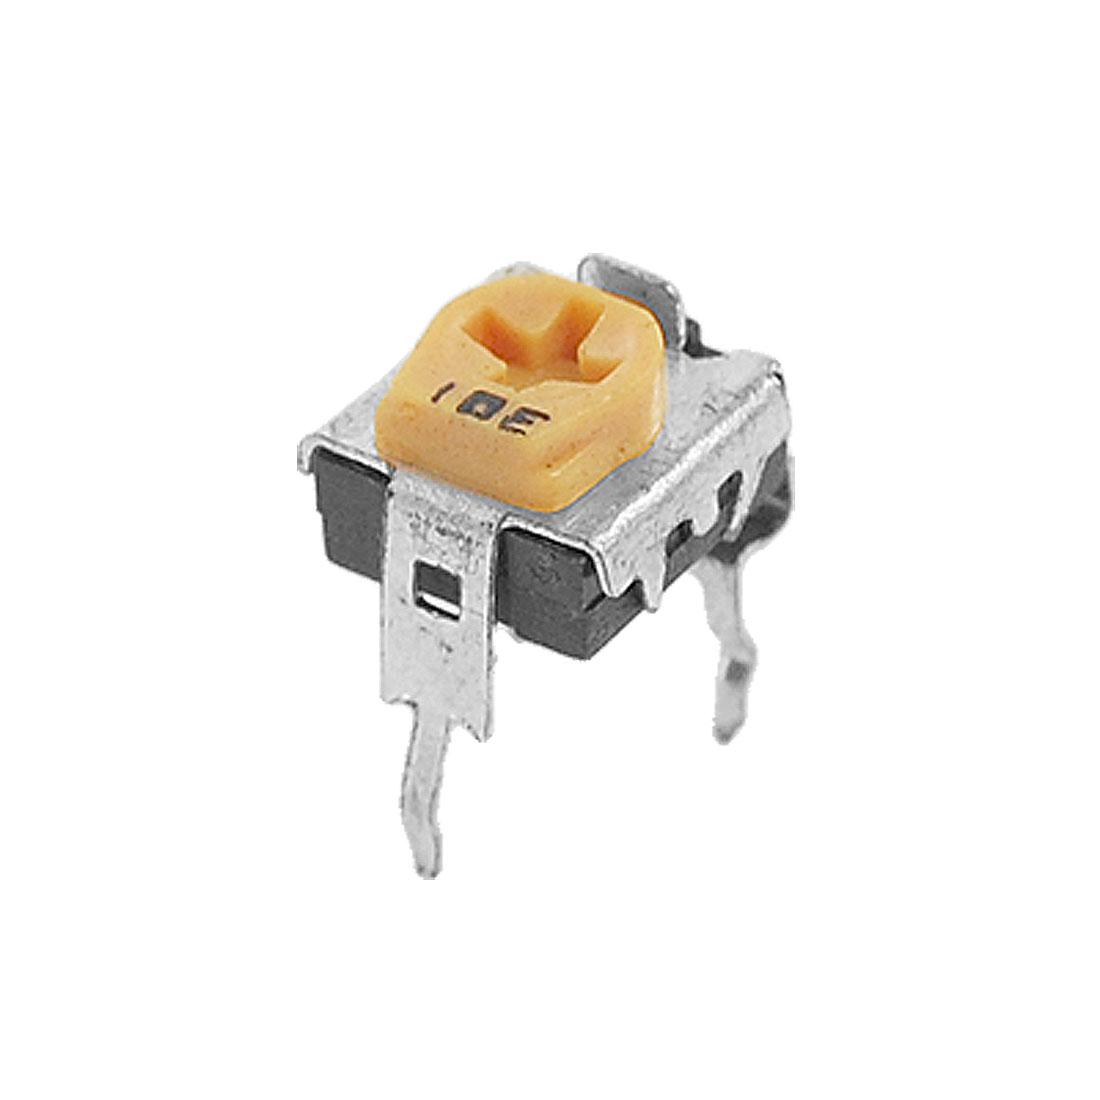 300 Ohm 301 Trimmer Potentiometers Pot Resistors 100 Pcs